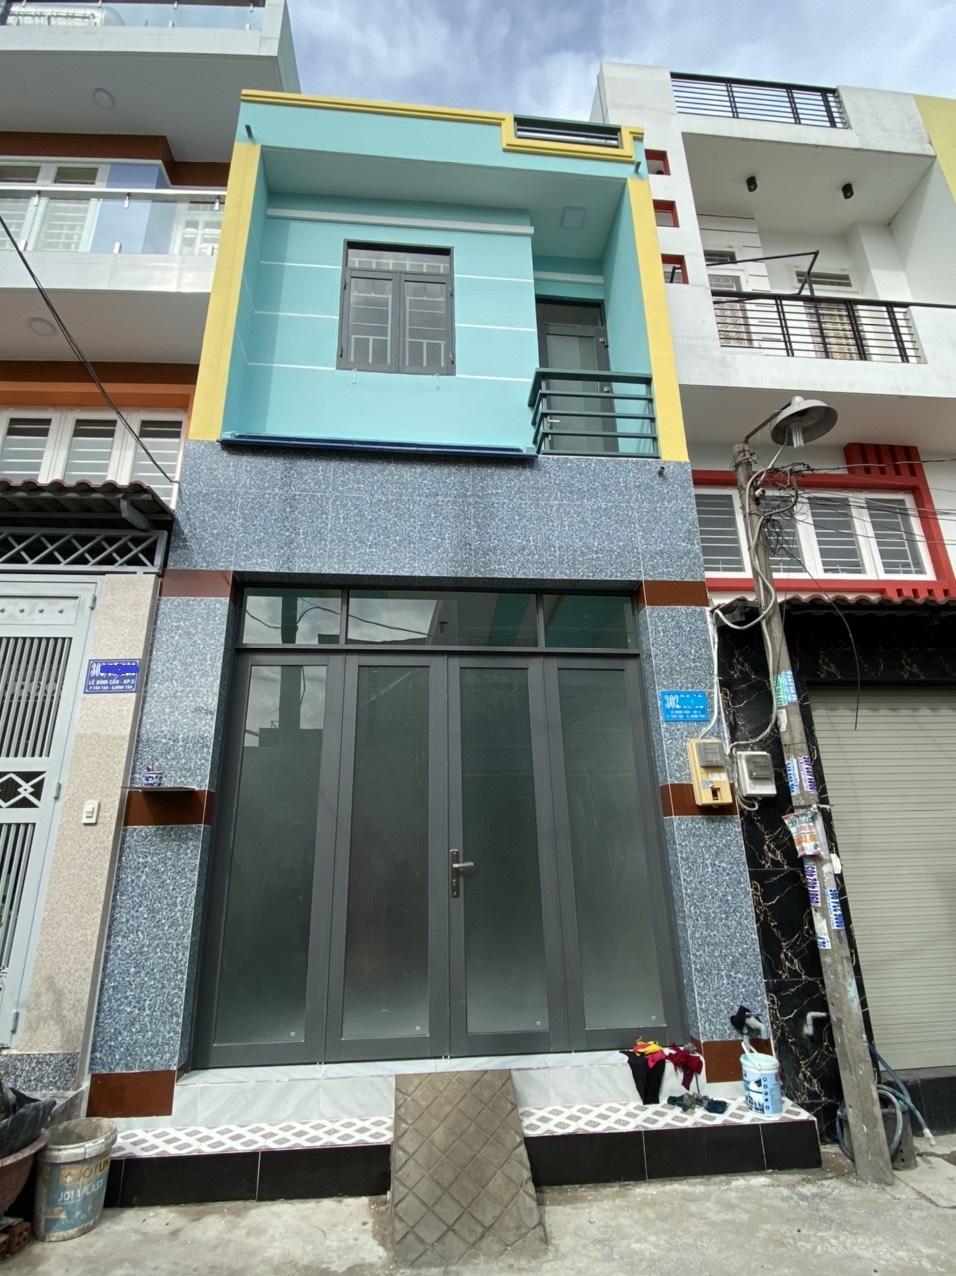 Bán nhà hẻm 302 Lê Đình Cẩn phường Tân tạo quận Bình Tân dưới 4 tỷ 2021